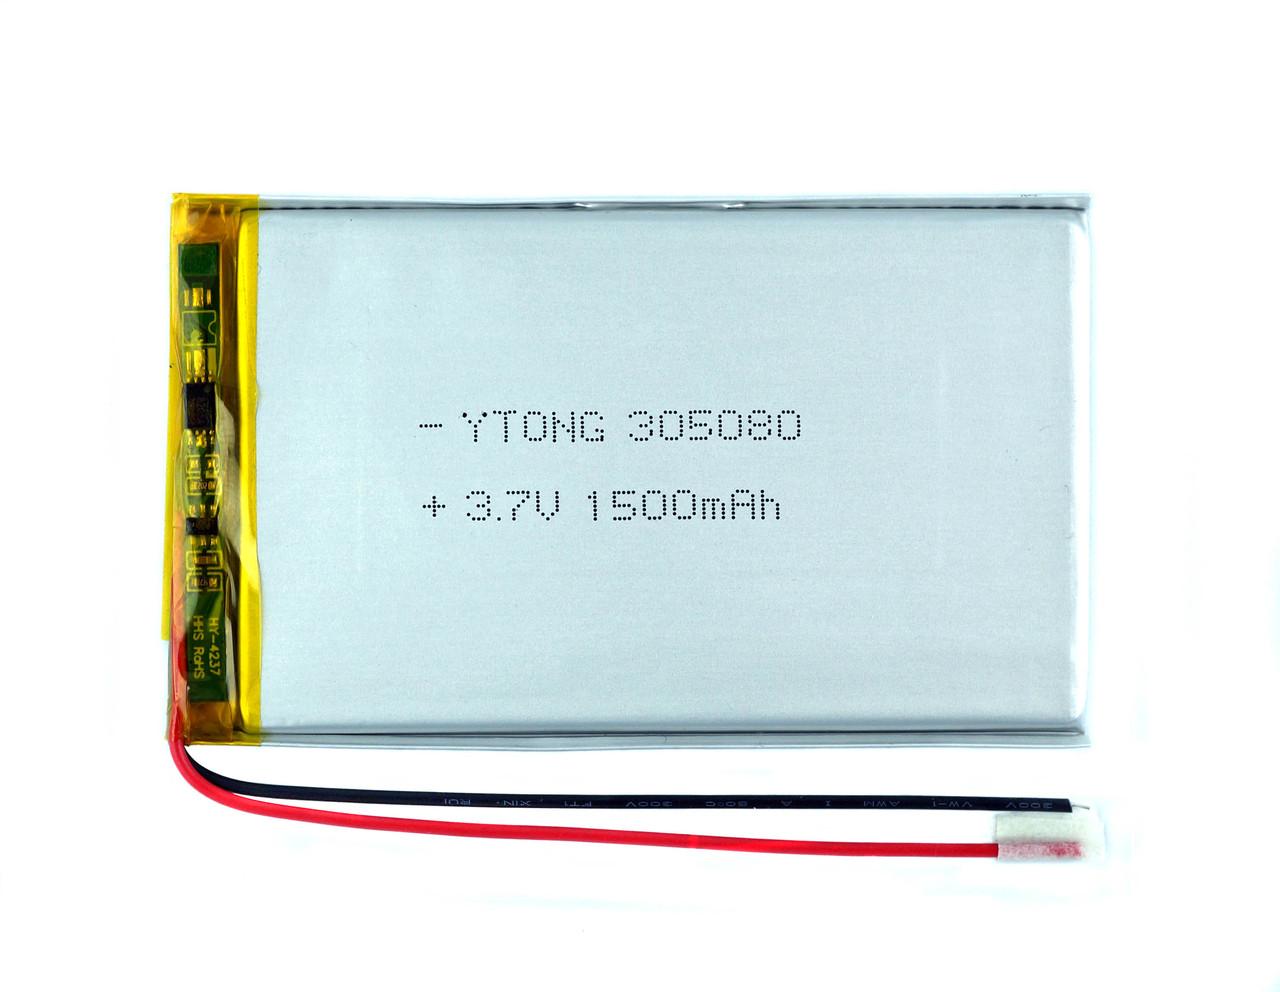 Аккумулятор 1500мАч 305080 3,7в универсальный  для планшетов, электронных книг, MP3, Ebook 1500mAh 3.7v